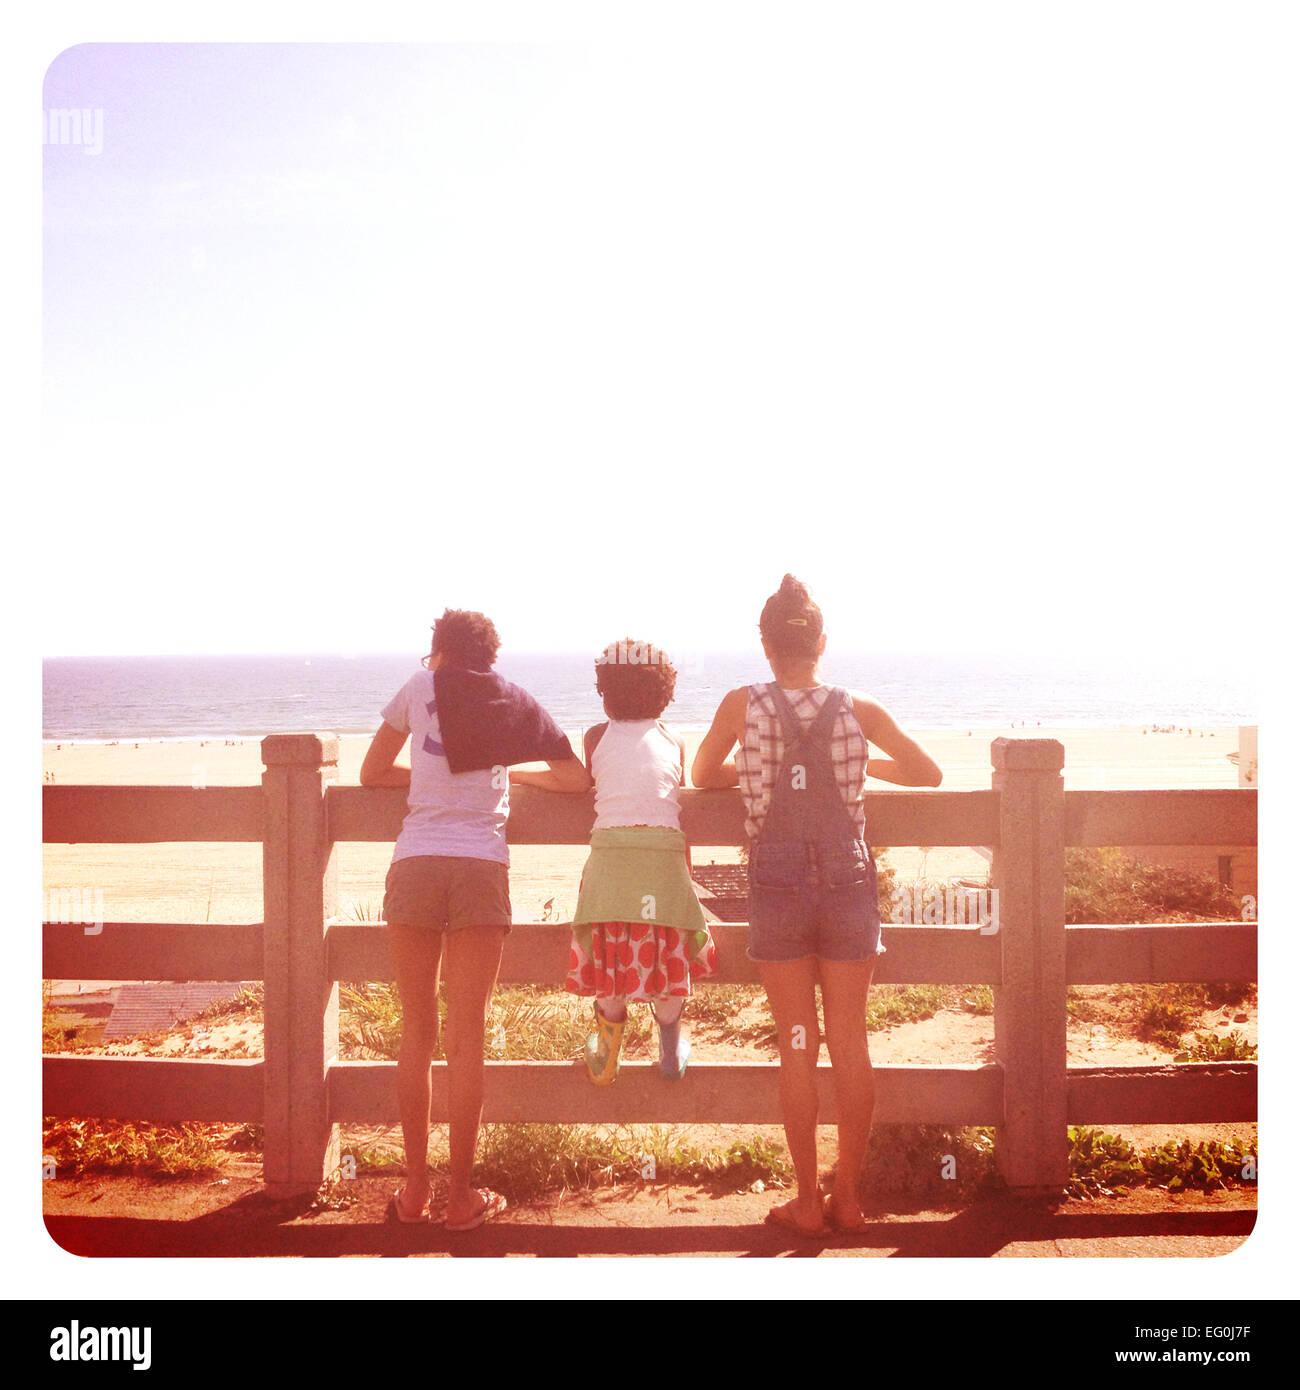 Tre ragazze in piedi da una recinzione guardando l'oceano, california, America, STATI UNITI D'AMERICA Immagini Stock